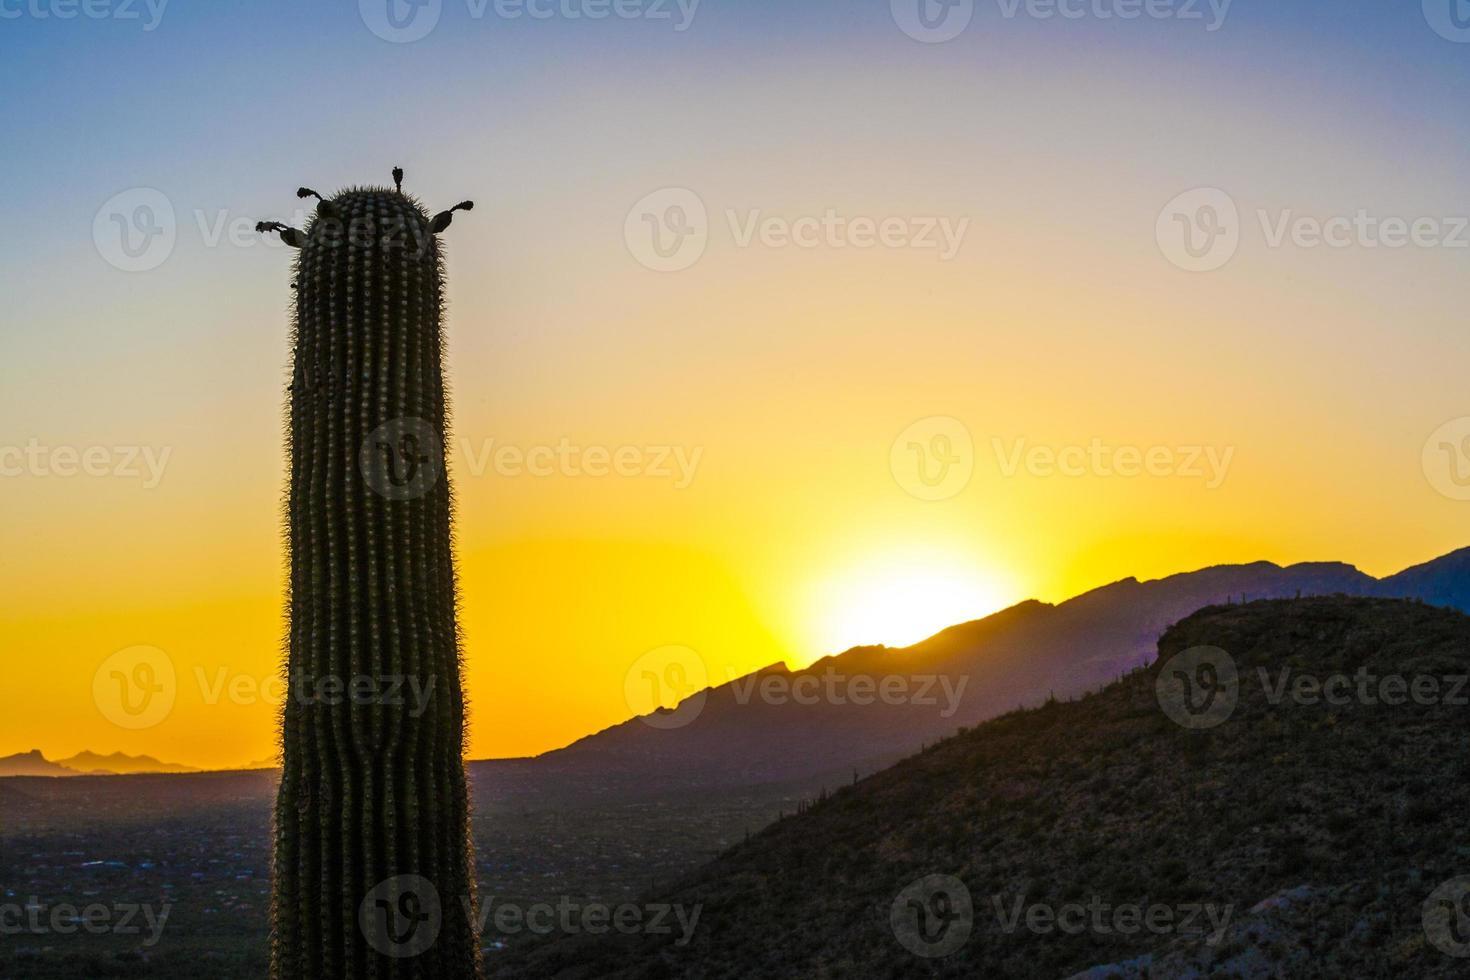 Sonnenuntergang mit schönen grünen Kakteen in der Landschaft foto